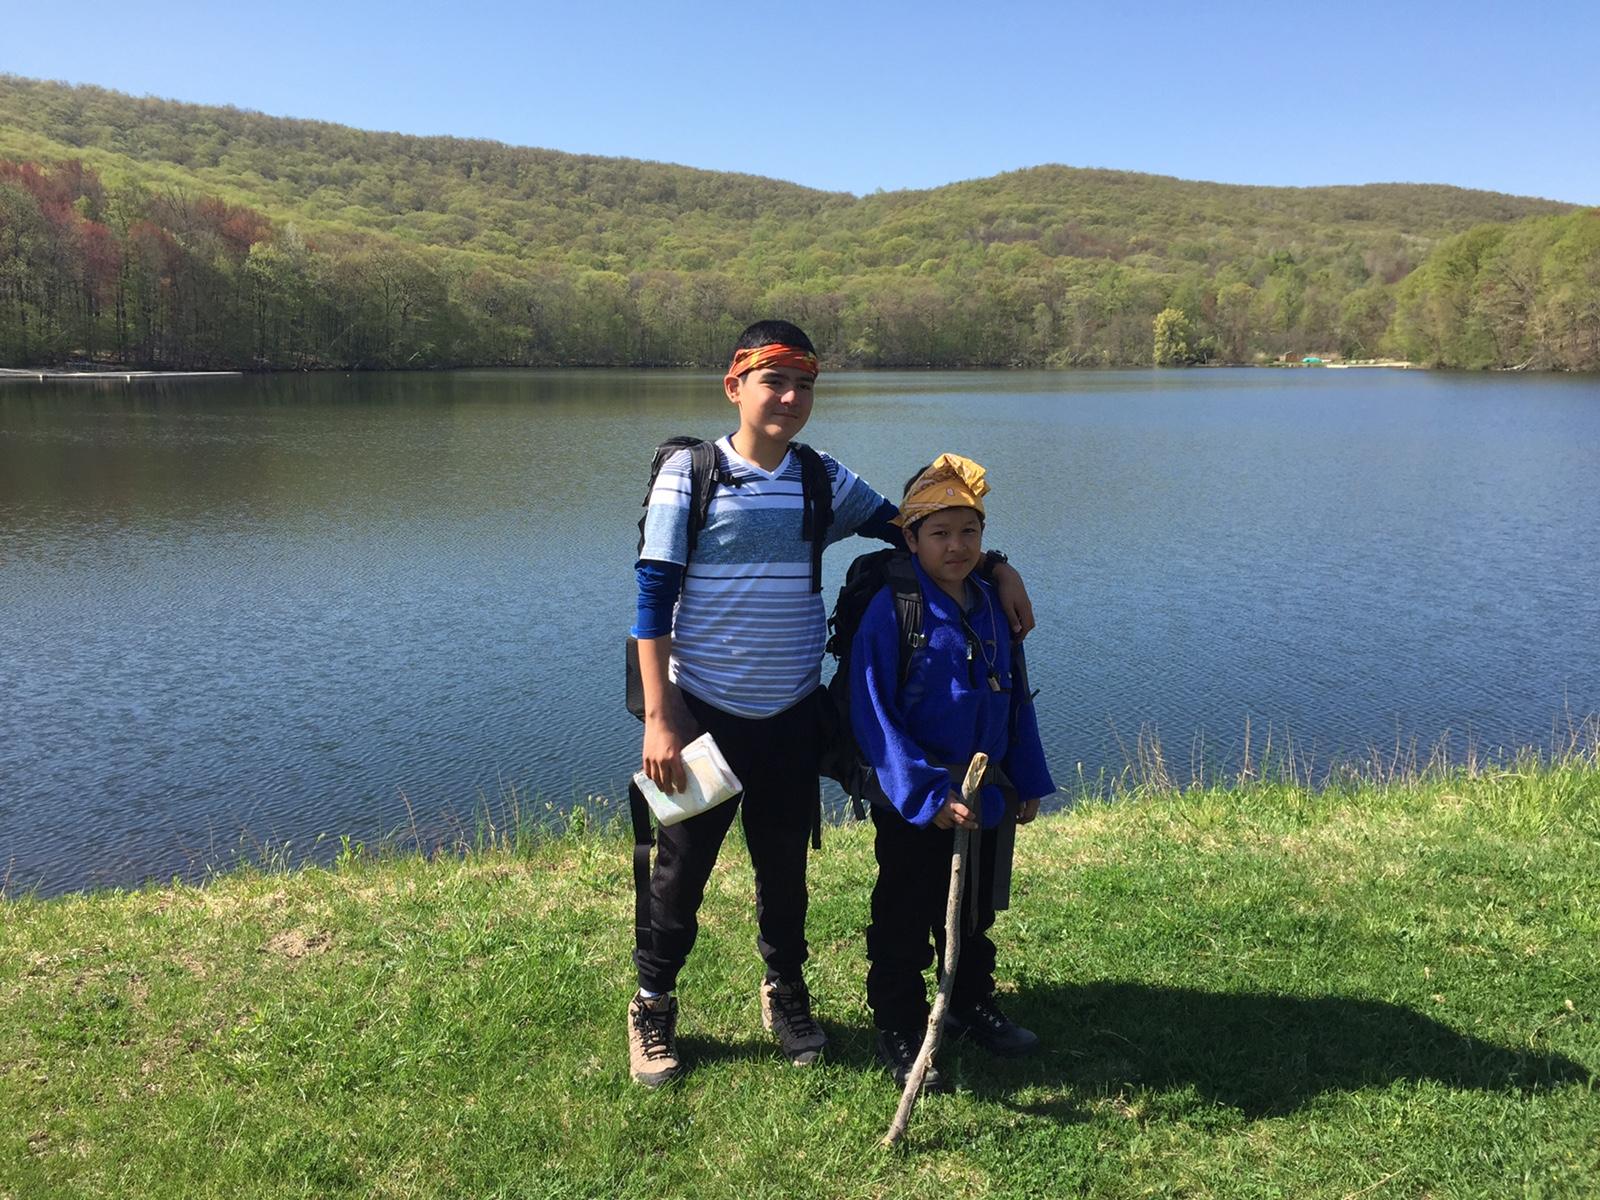 6th Grade Camping Trip Update